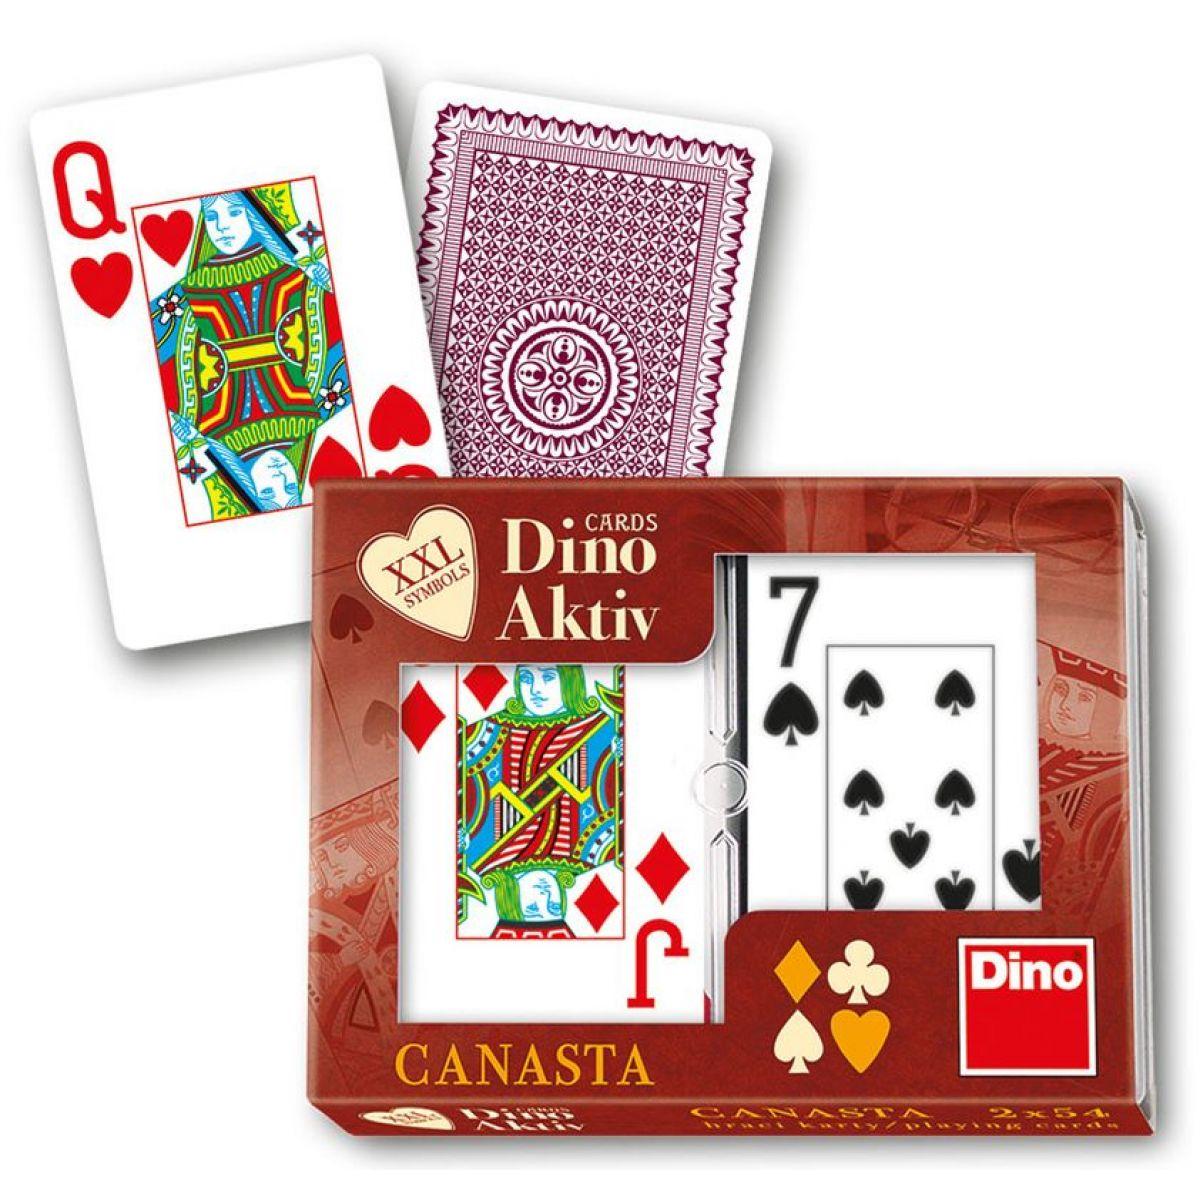 Dino Canasta Aktiv Classic